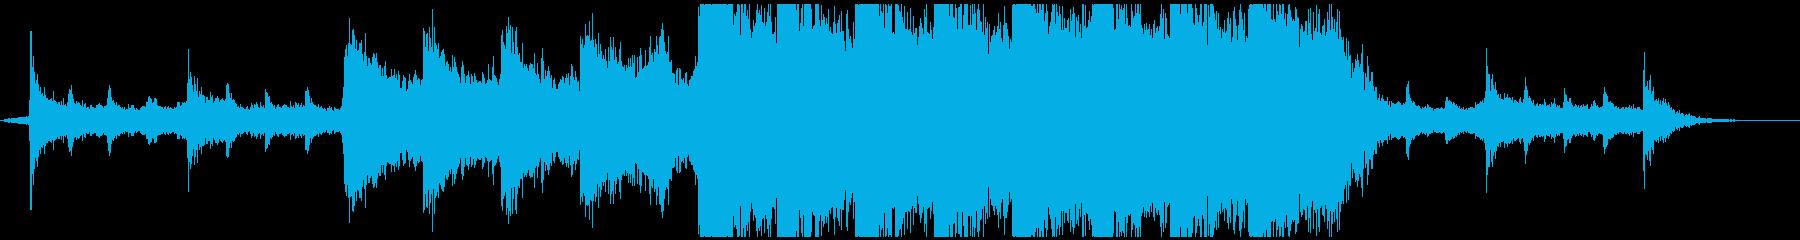 映画音楽のような感動的で壮大な曲の再生済みの波形